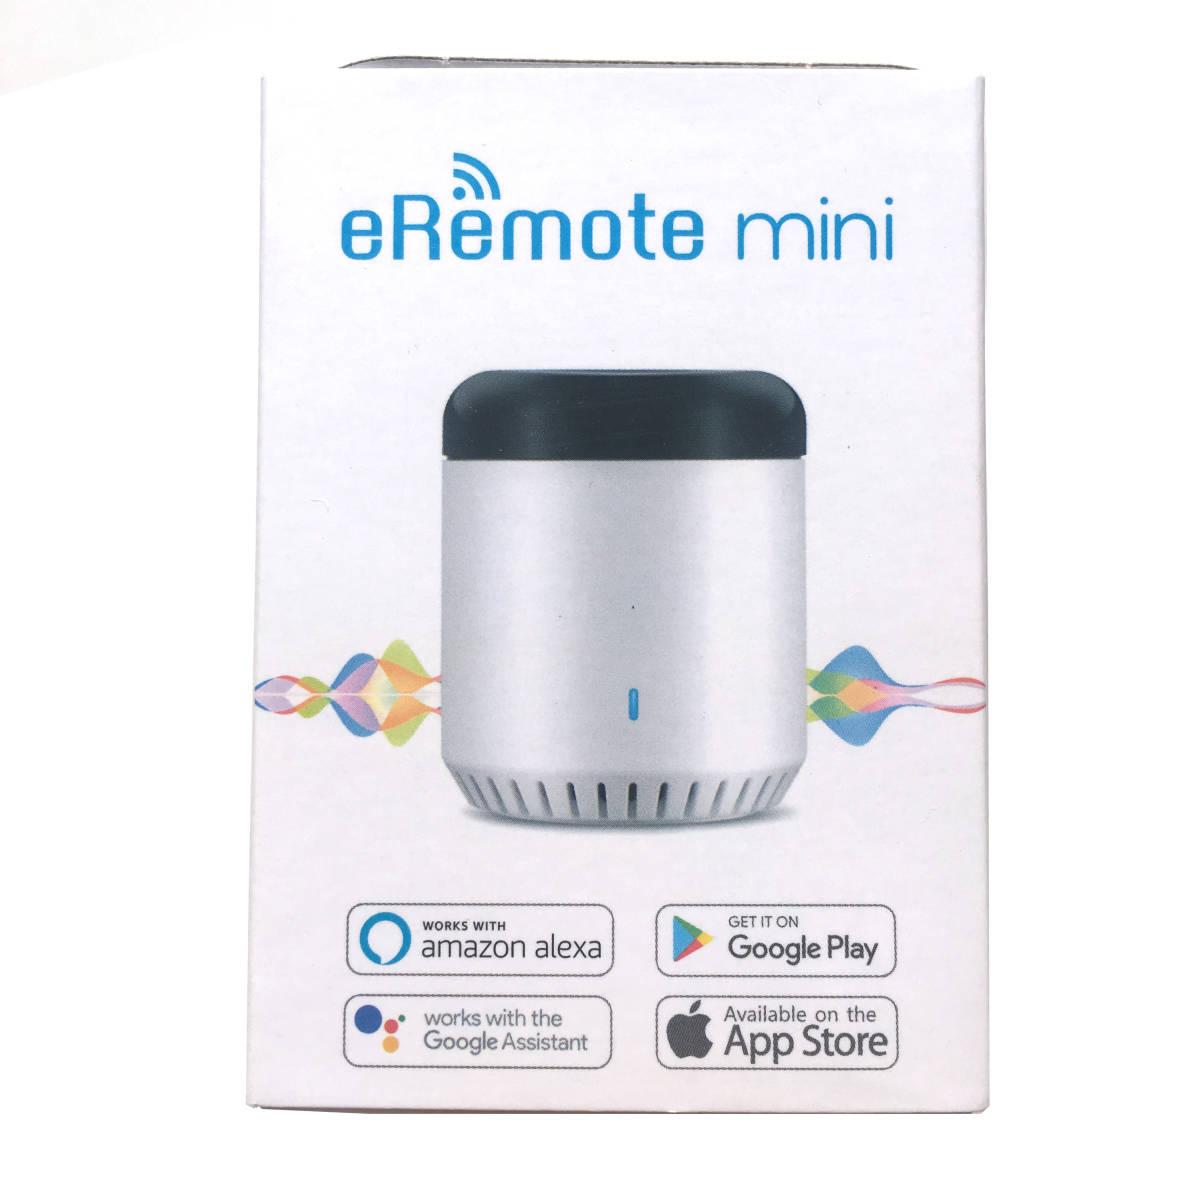 【新品・未開封】 Amazon 第3世代 Echo Dot Alexa対応 スマートスピーカー + LinkJapan eRemote mini IoT リモコン セット IFTTT対応_画像6